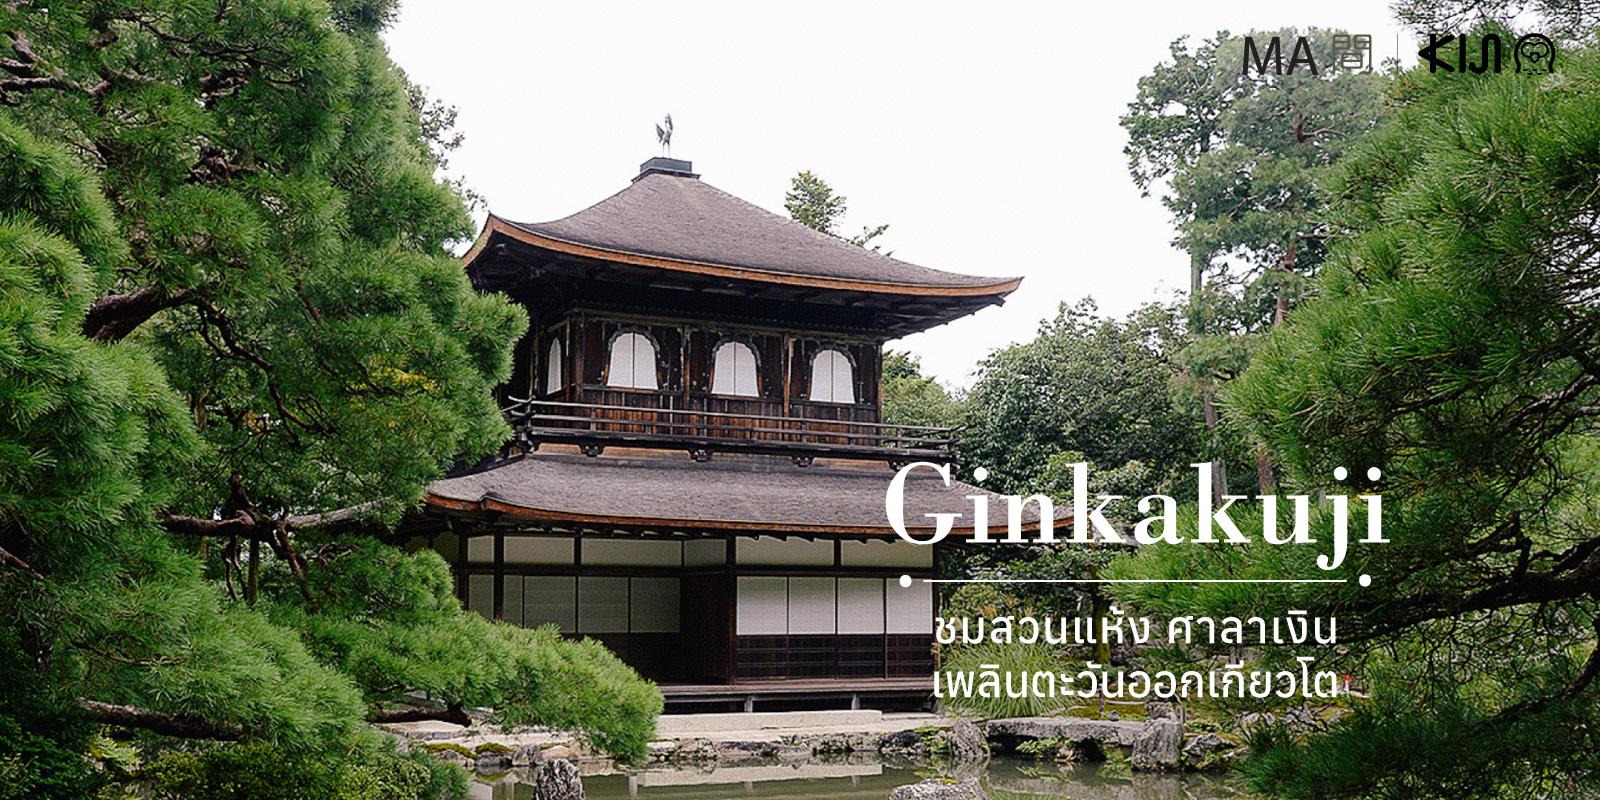 Ginkakuji พาชมวัดกินคะคุจิ จ.เกียวโต